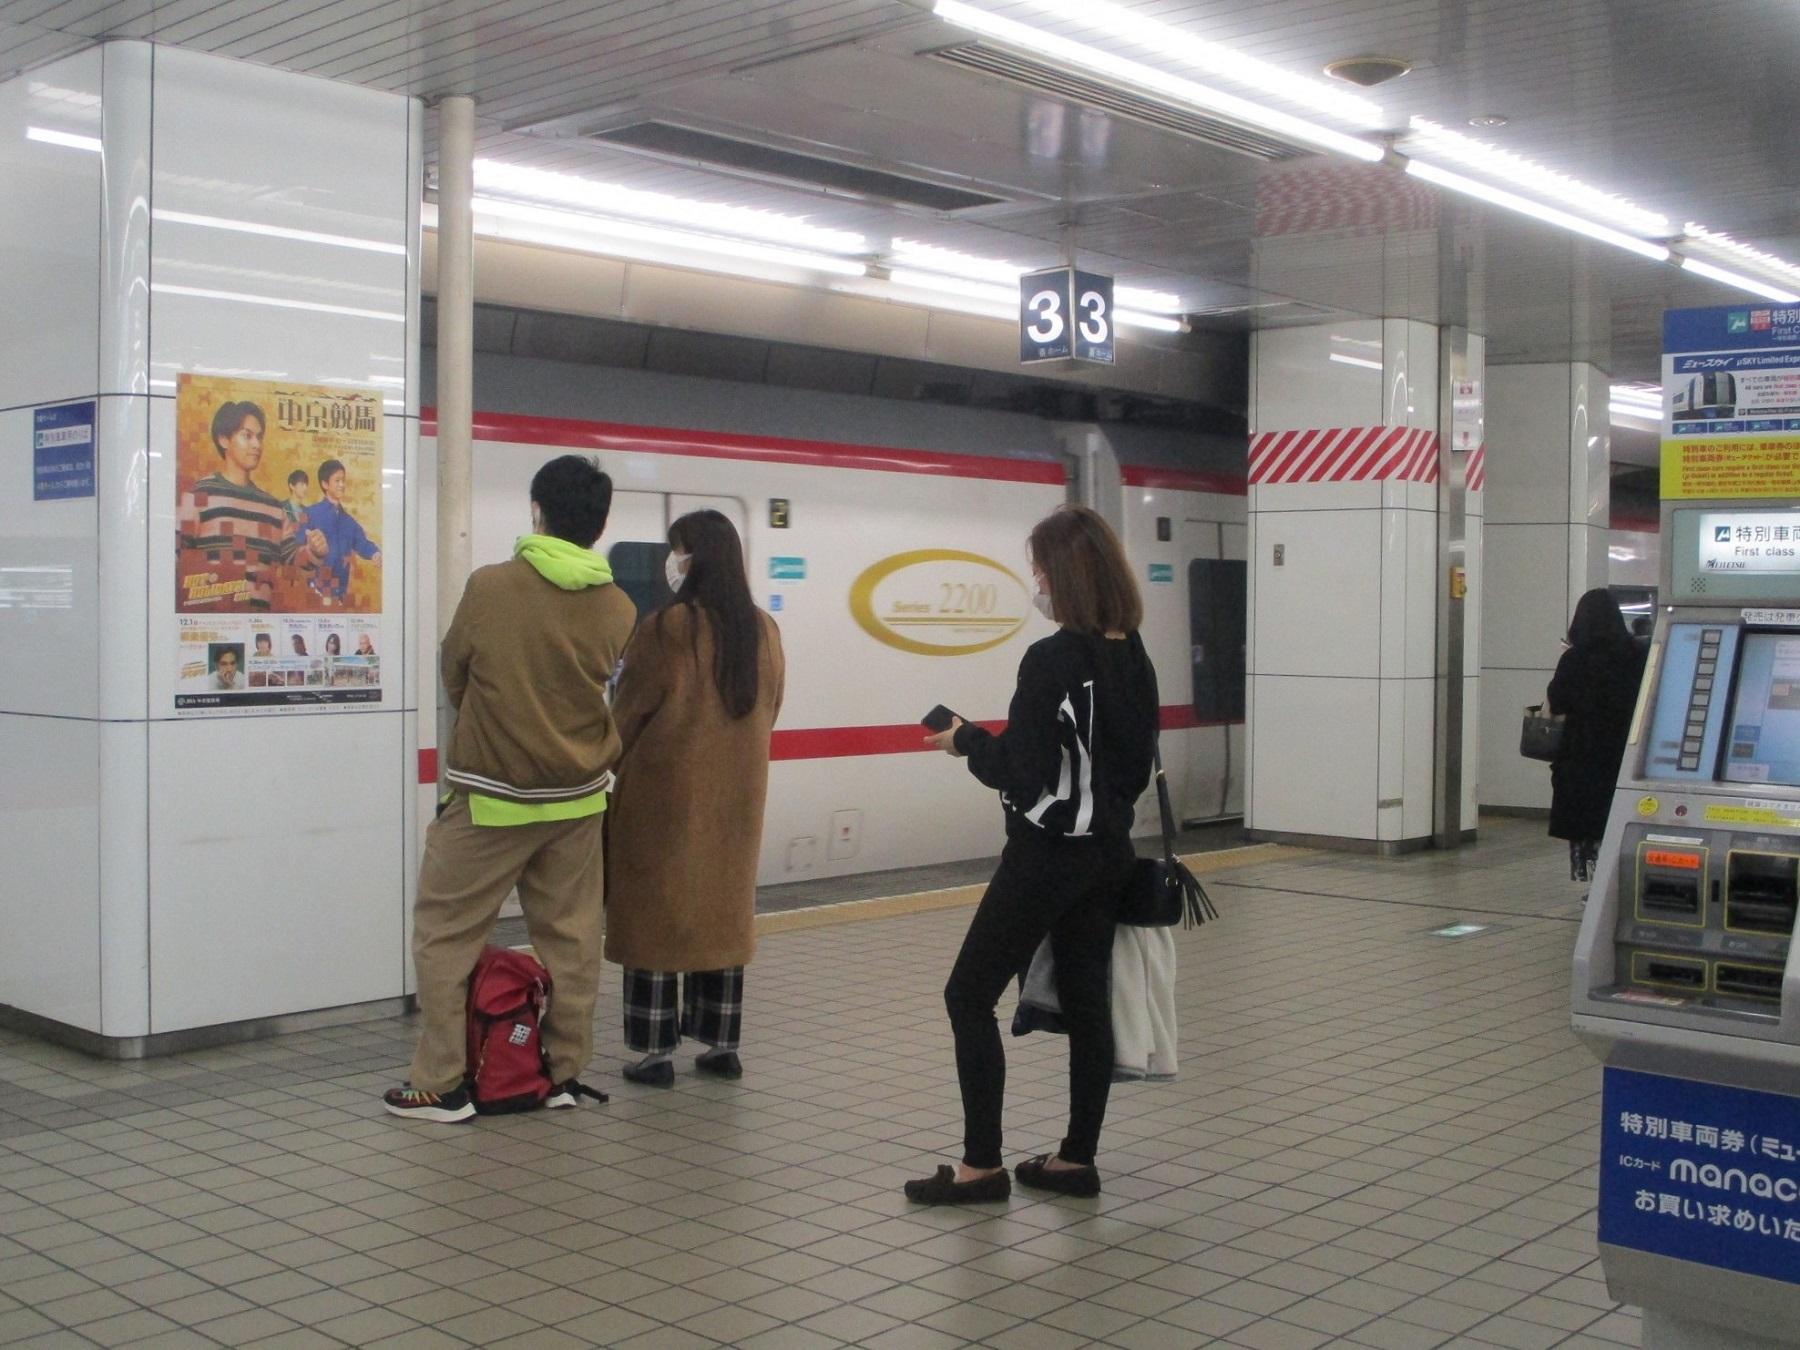 2019.11.27 (3) 名古屋 - セントレアいき特急 1800-1350